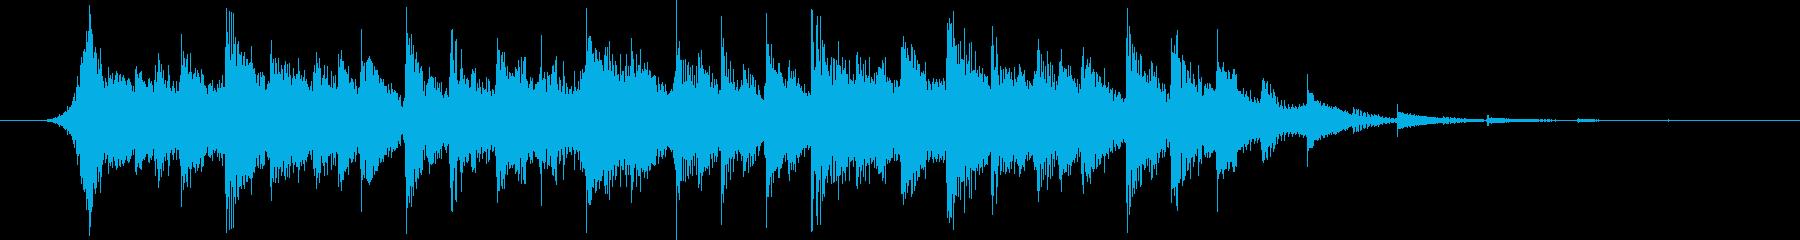 ニュースのアイキャッチや企業VPにの再生済みの波形